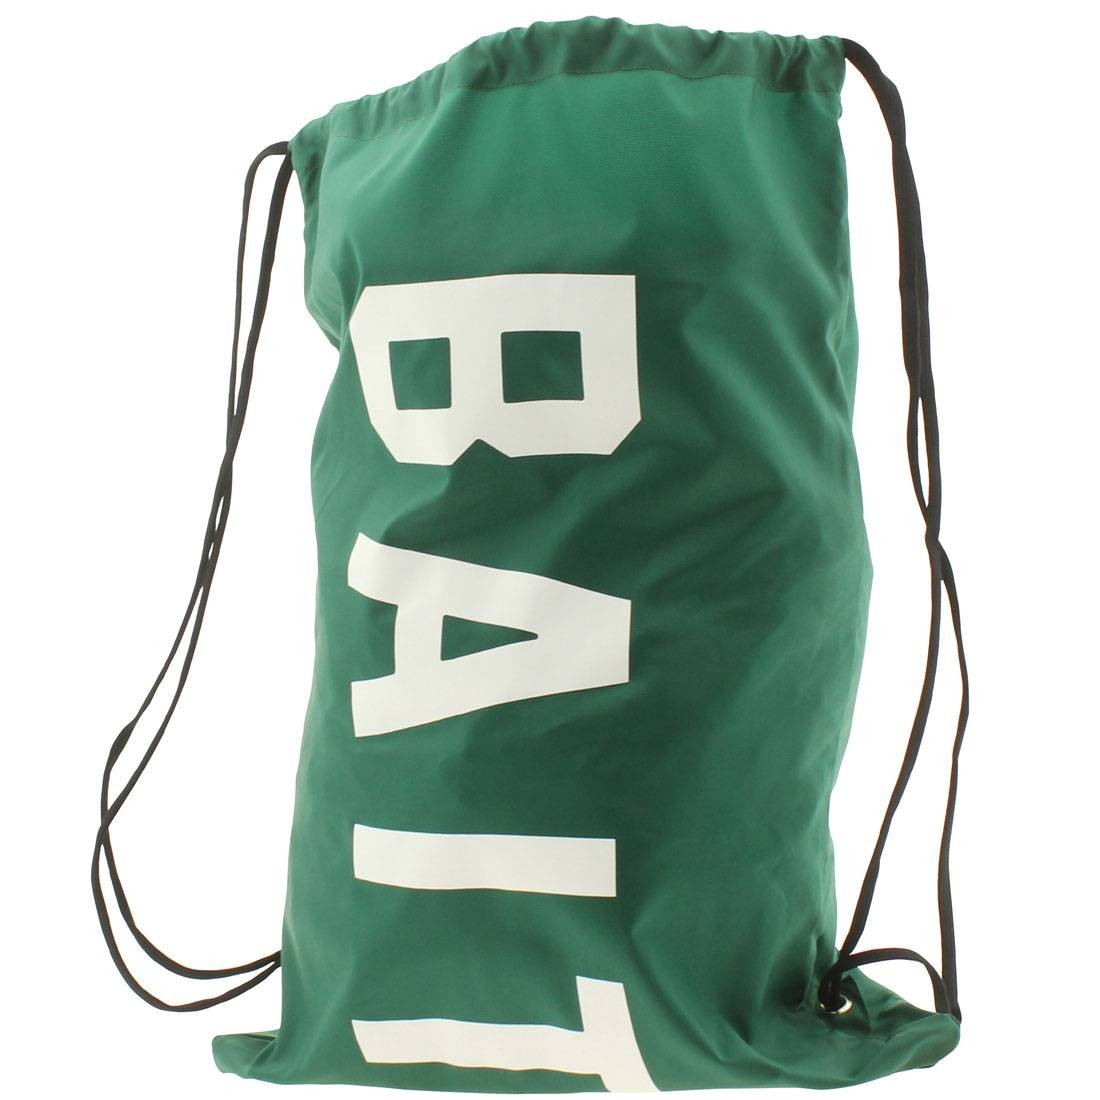 BAIT Logo Nylon Sachet Bag (green)